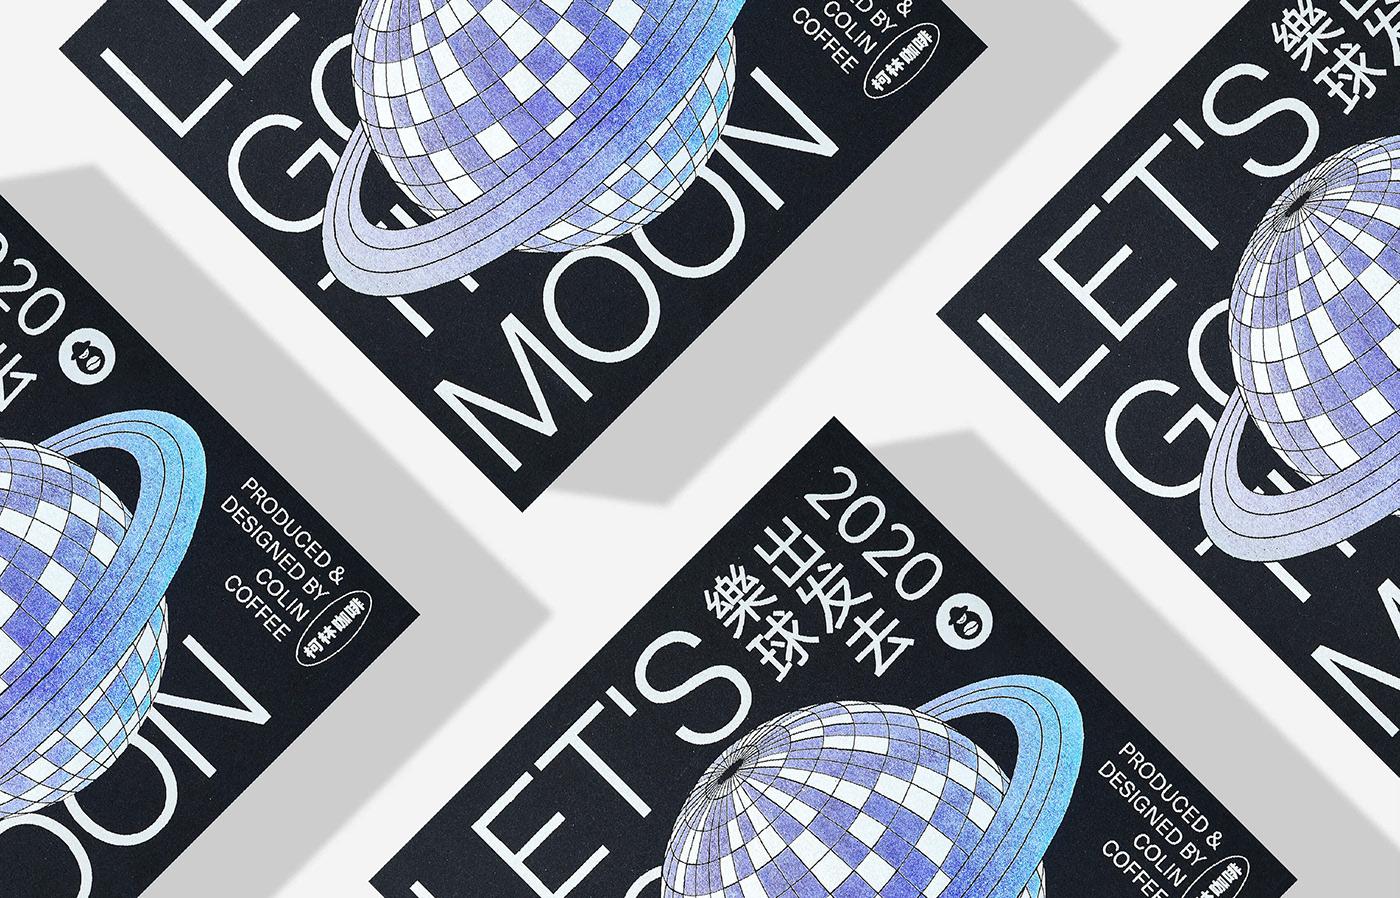 reesaw 包装设计 咖啡设计 品牌设计 字体设计 平面设计 理所设计